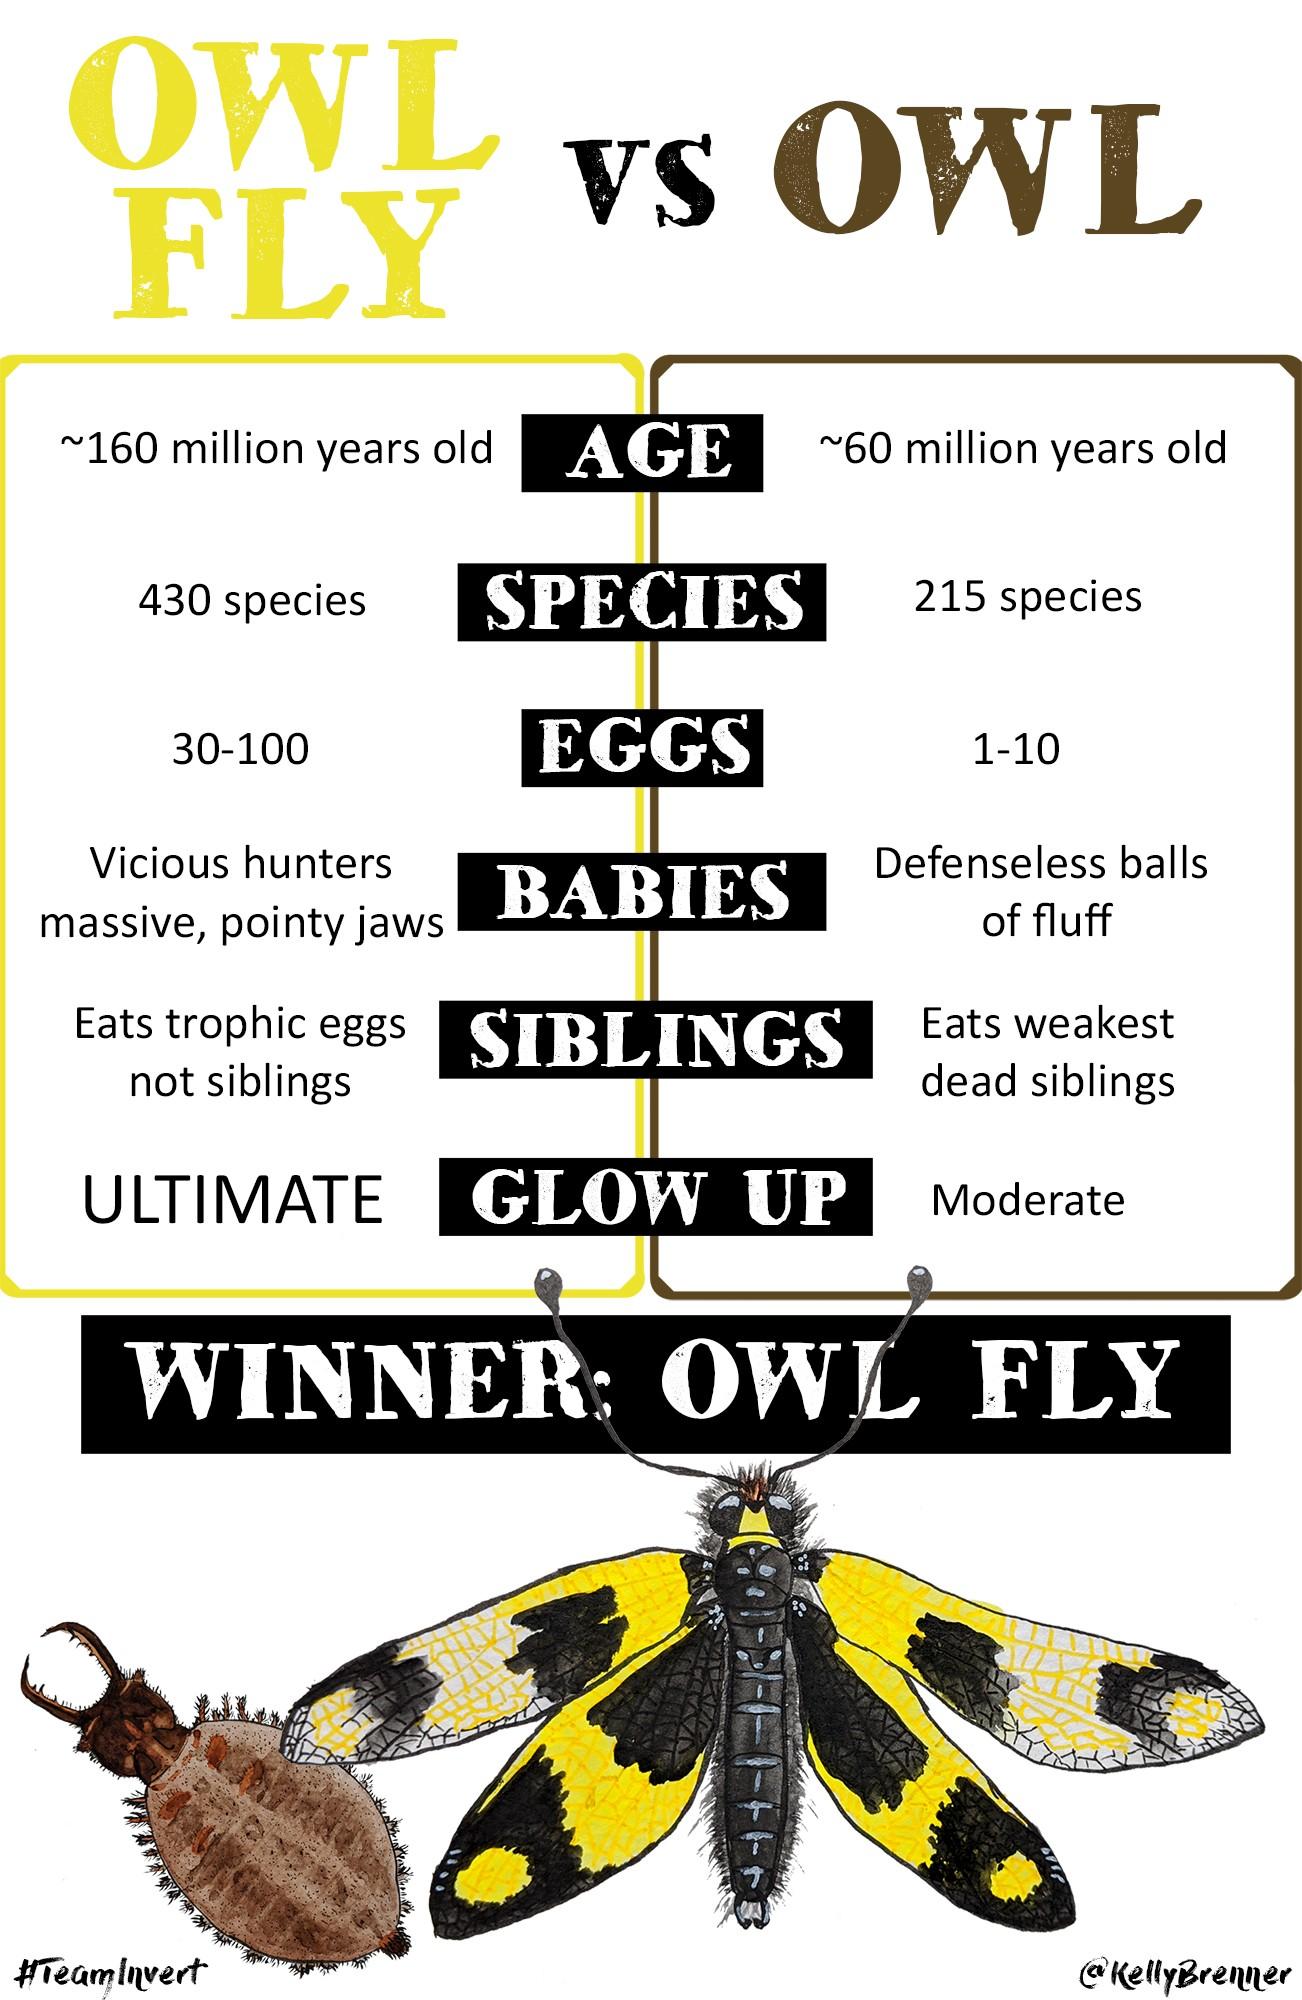 owl-vs-owl-fly